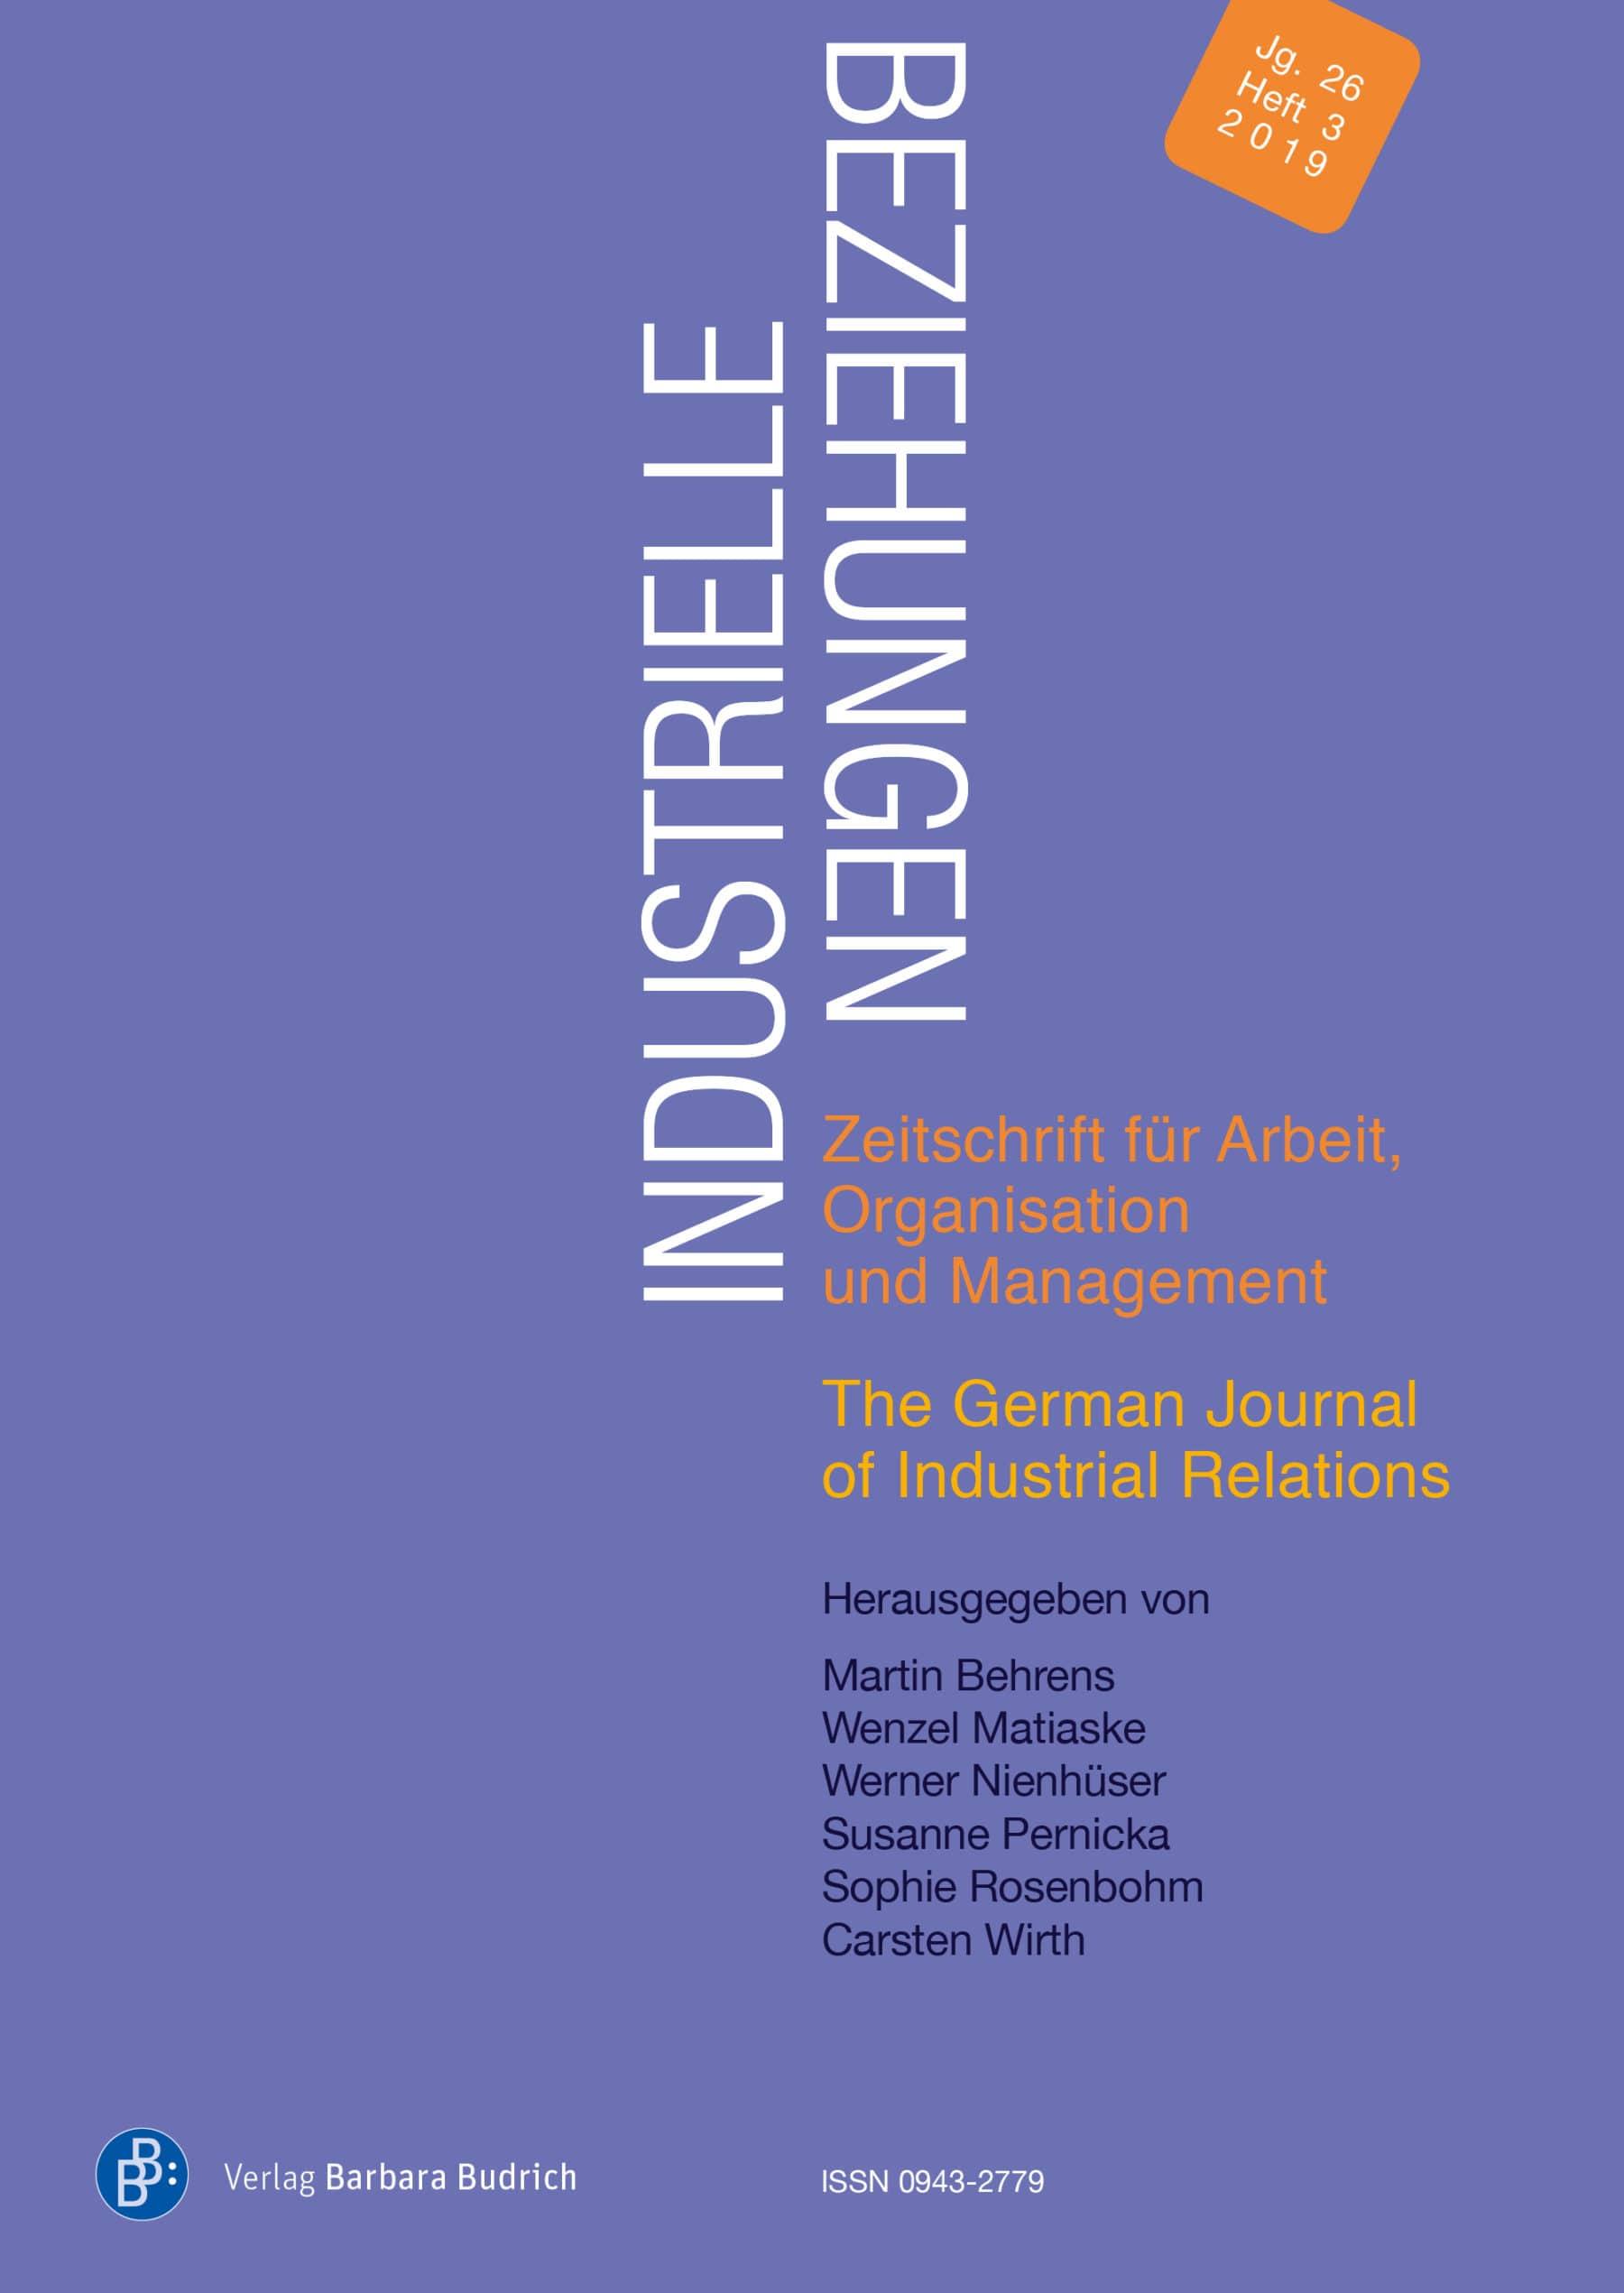 Industrielle Beziehungen. Zeitschrift für Arbeit, Organisation und Management 3-2019: Freie Beiträge